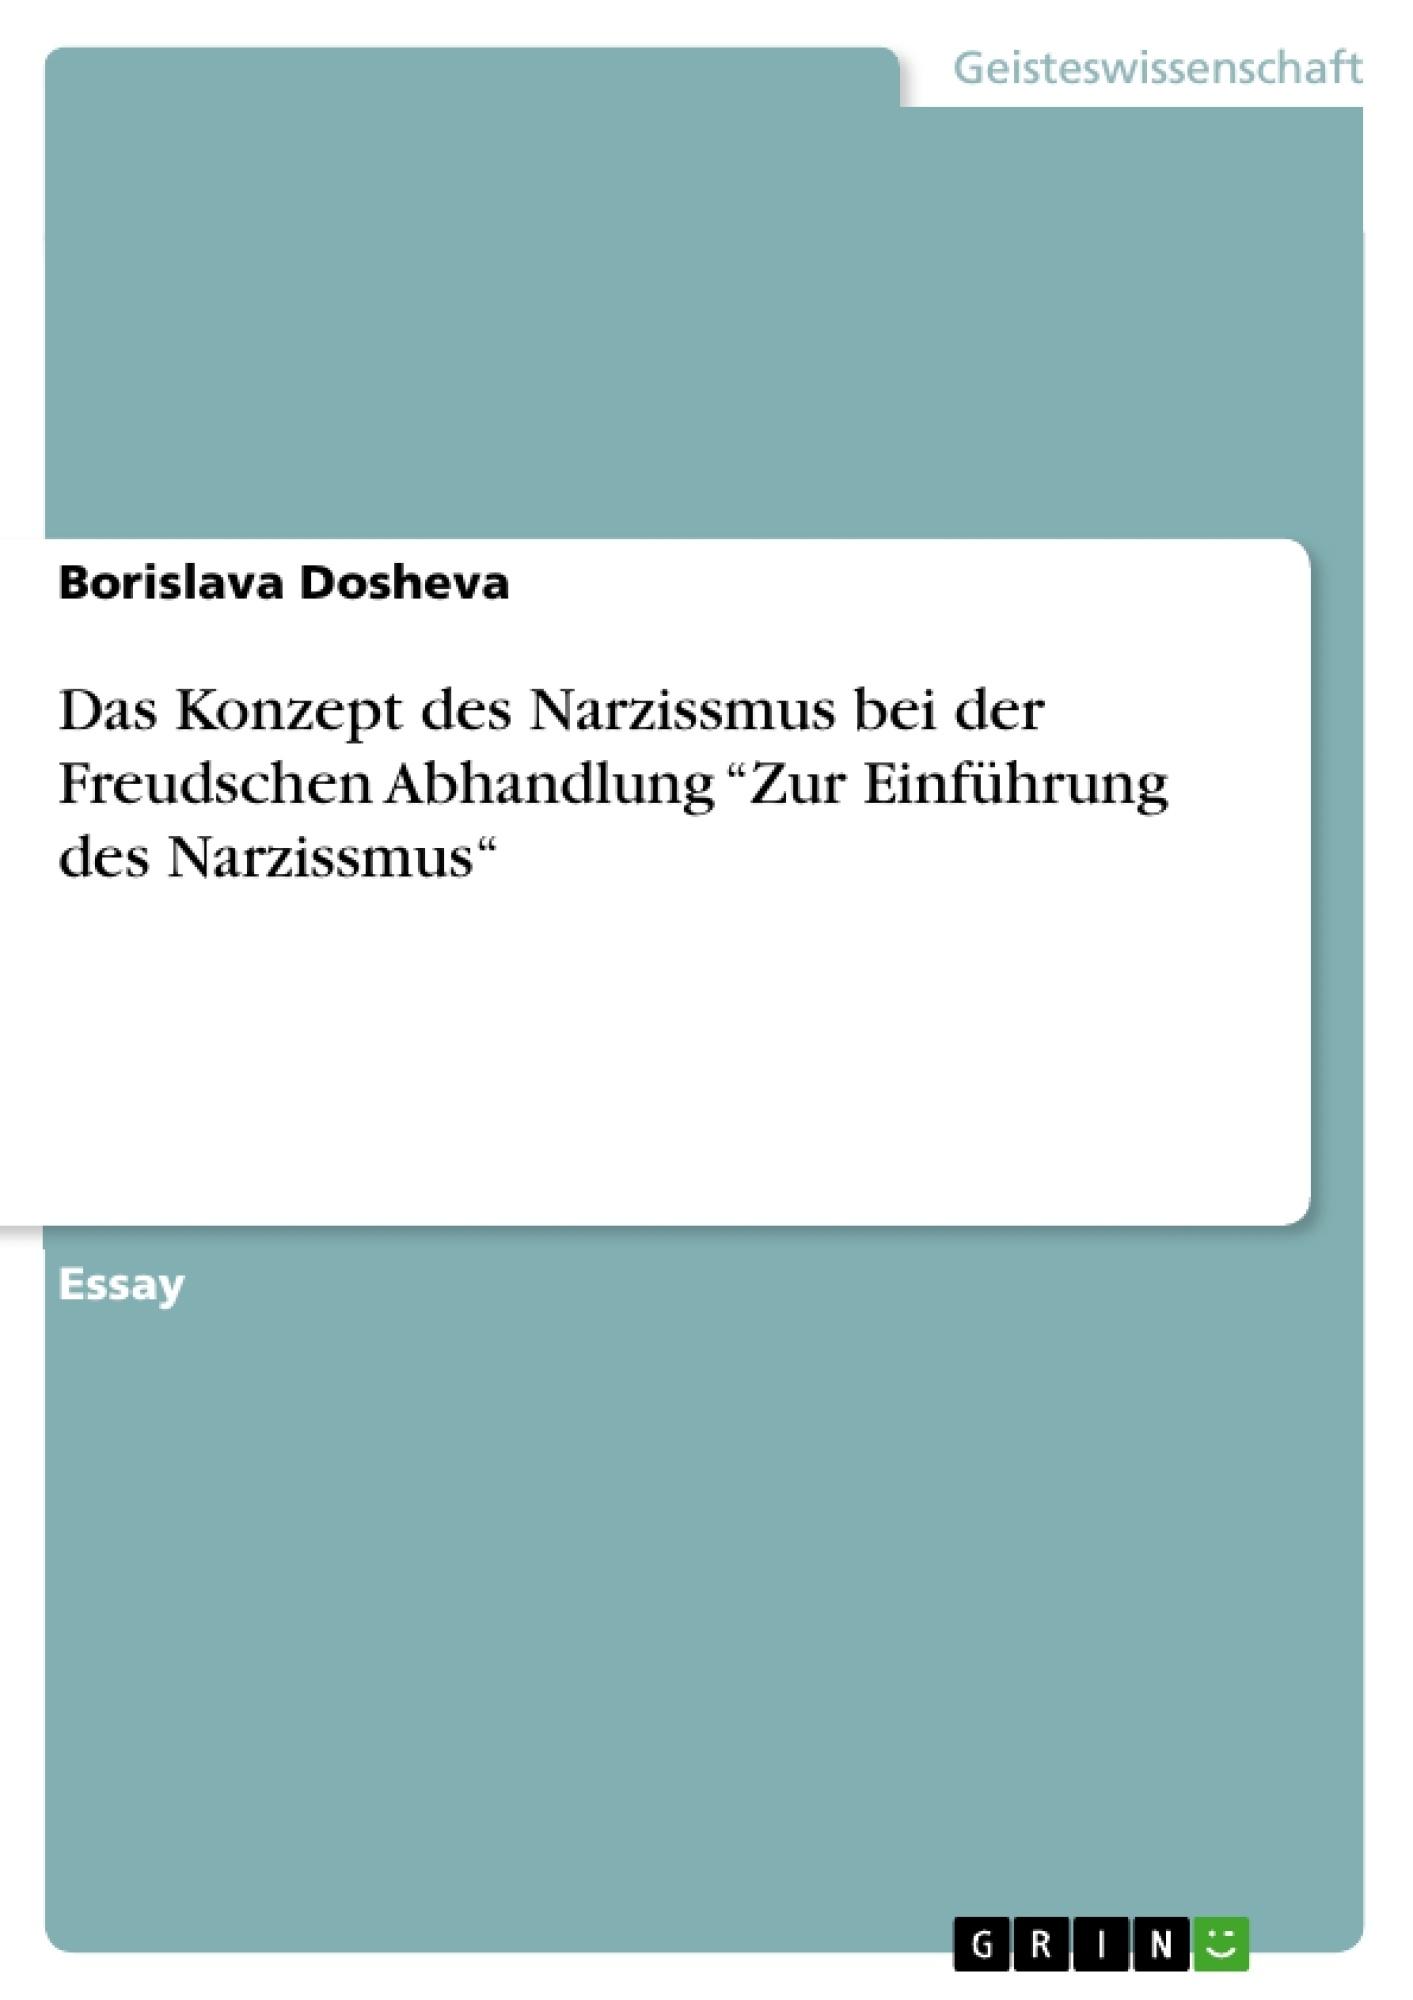 """Titel: Das Konzept des Narzissmus bei der Freudschen Abhandlung """"Zur Einführung des Narzissmus"""""""